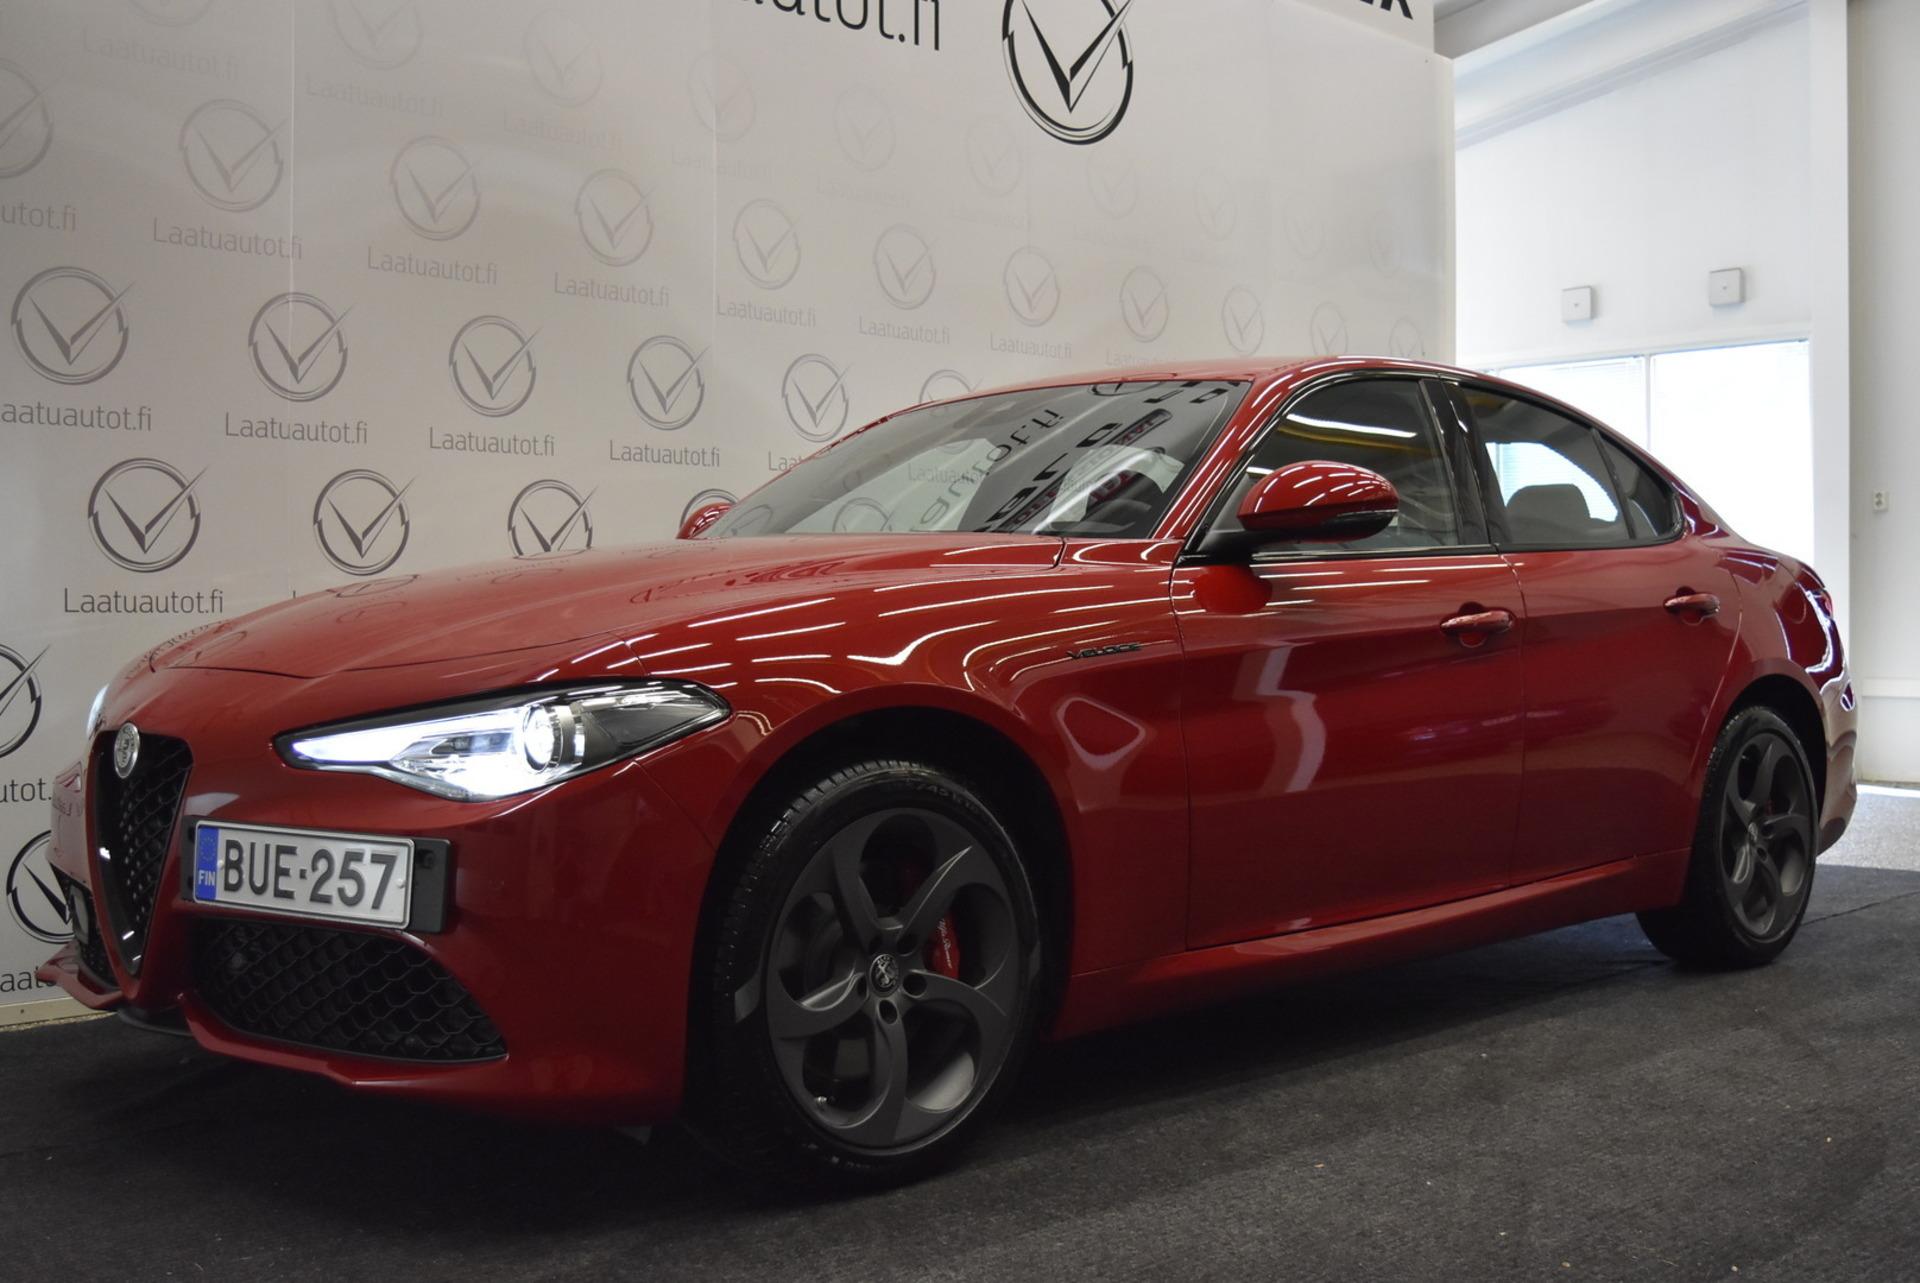 ALFA ROMEO GIULIA 2, 0 Bensiini 280hp AWD 8AT Veloce - Uusi auto nopeaan toimitukseen,  kysy tarjous!